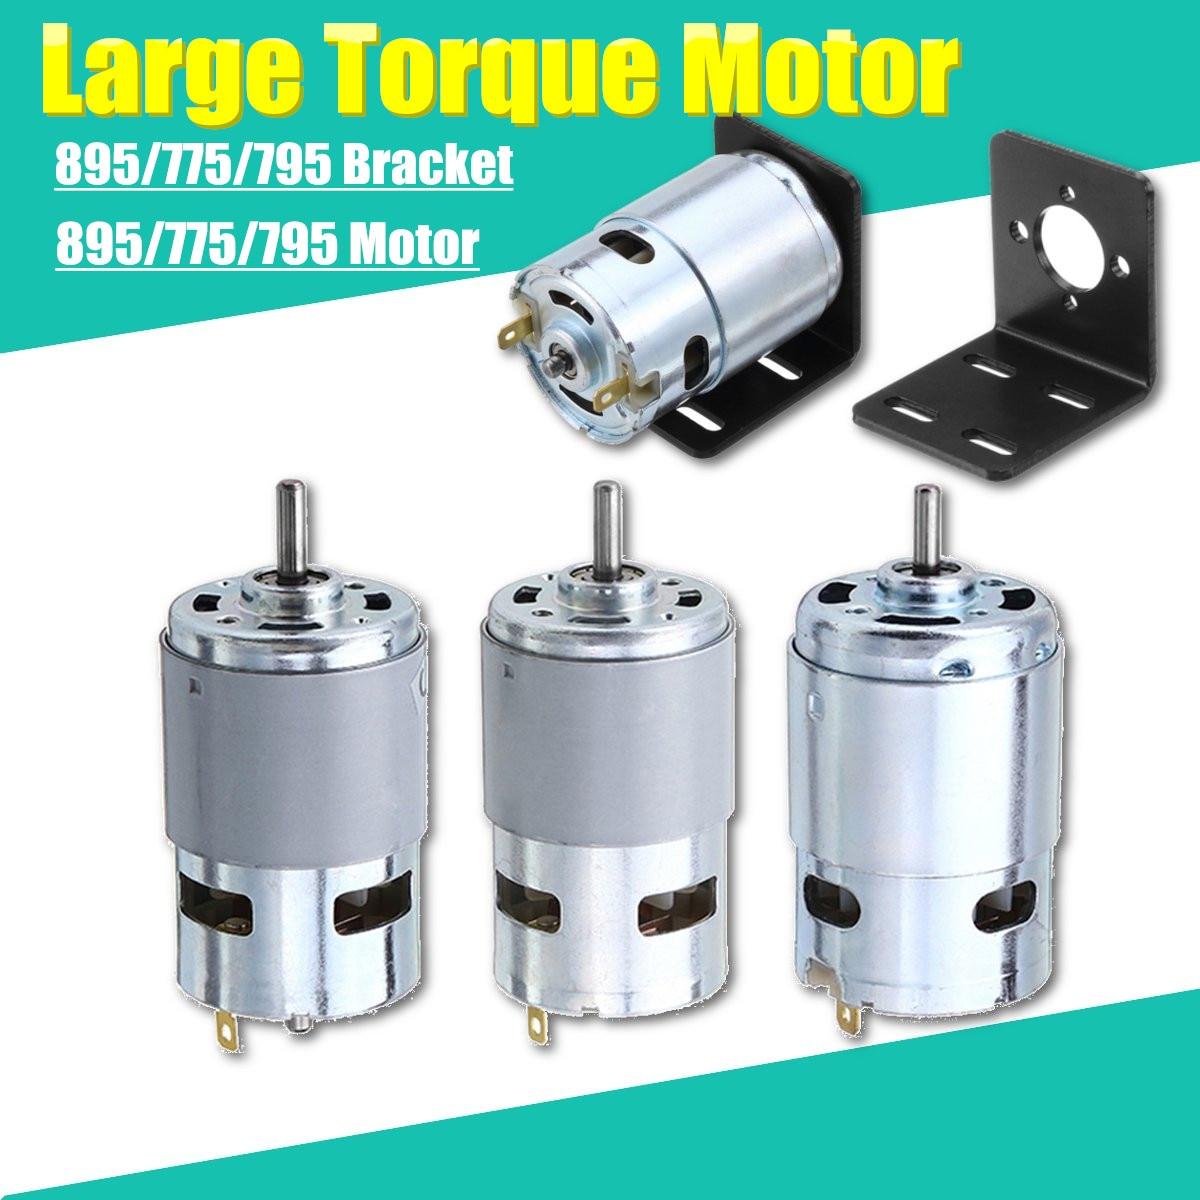 775 795 895 Suporte Do Motor/Motor Da Engrenagem DC 12 V-24 V 3000-12000 RPM Do Motor Grande motor Da Engrenagem de Torque